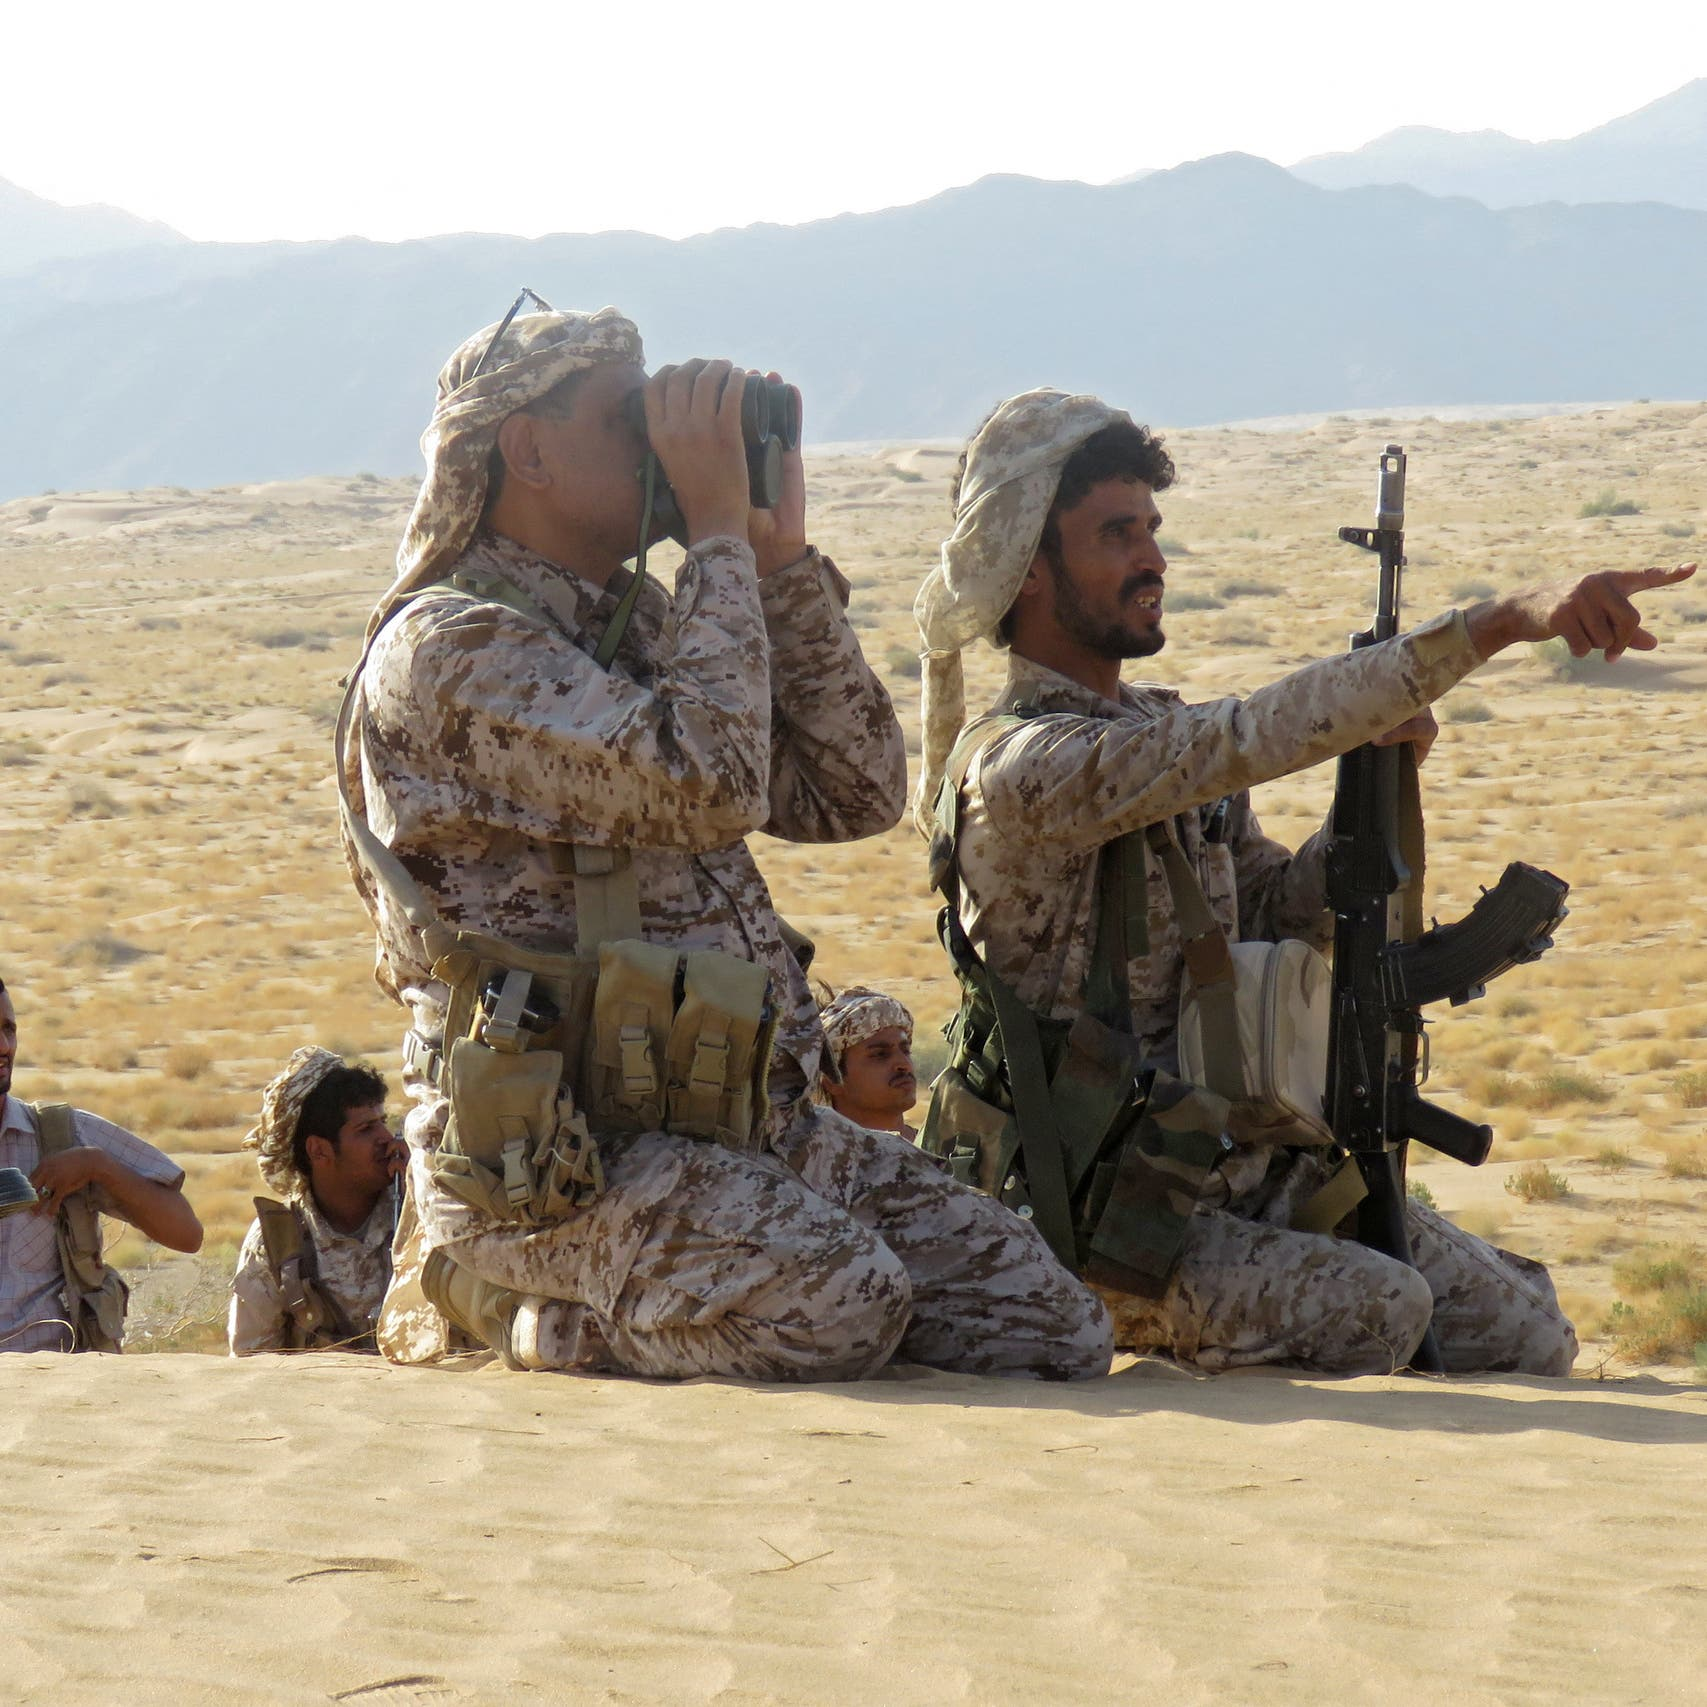 مصرع 13 حوثياً بنيران الجيش اليمني جنوب مأرب